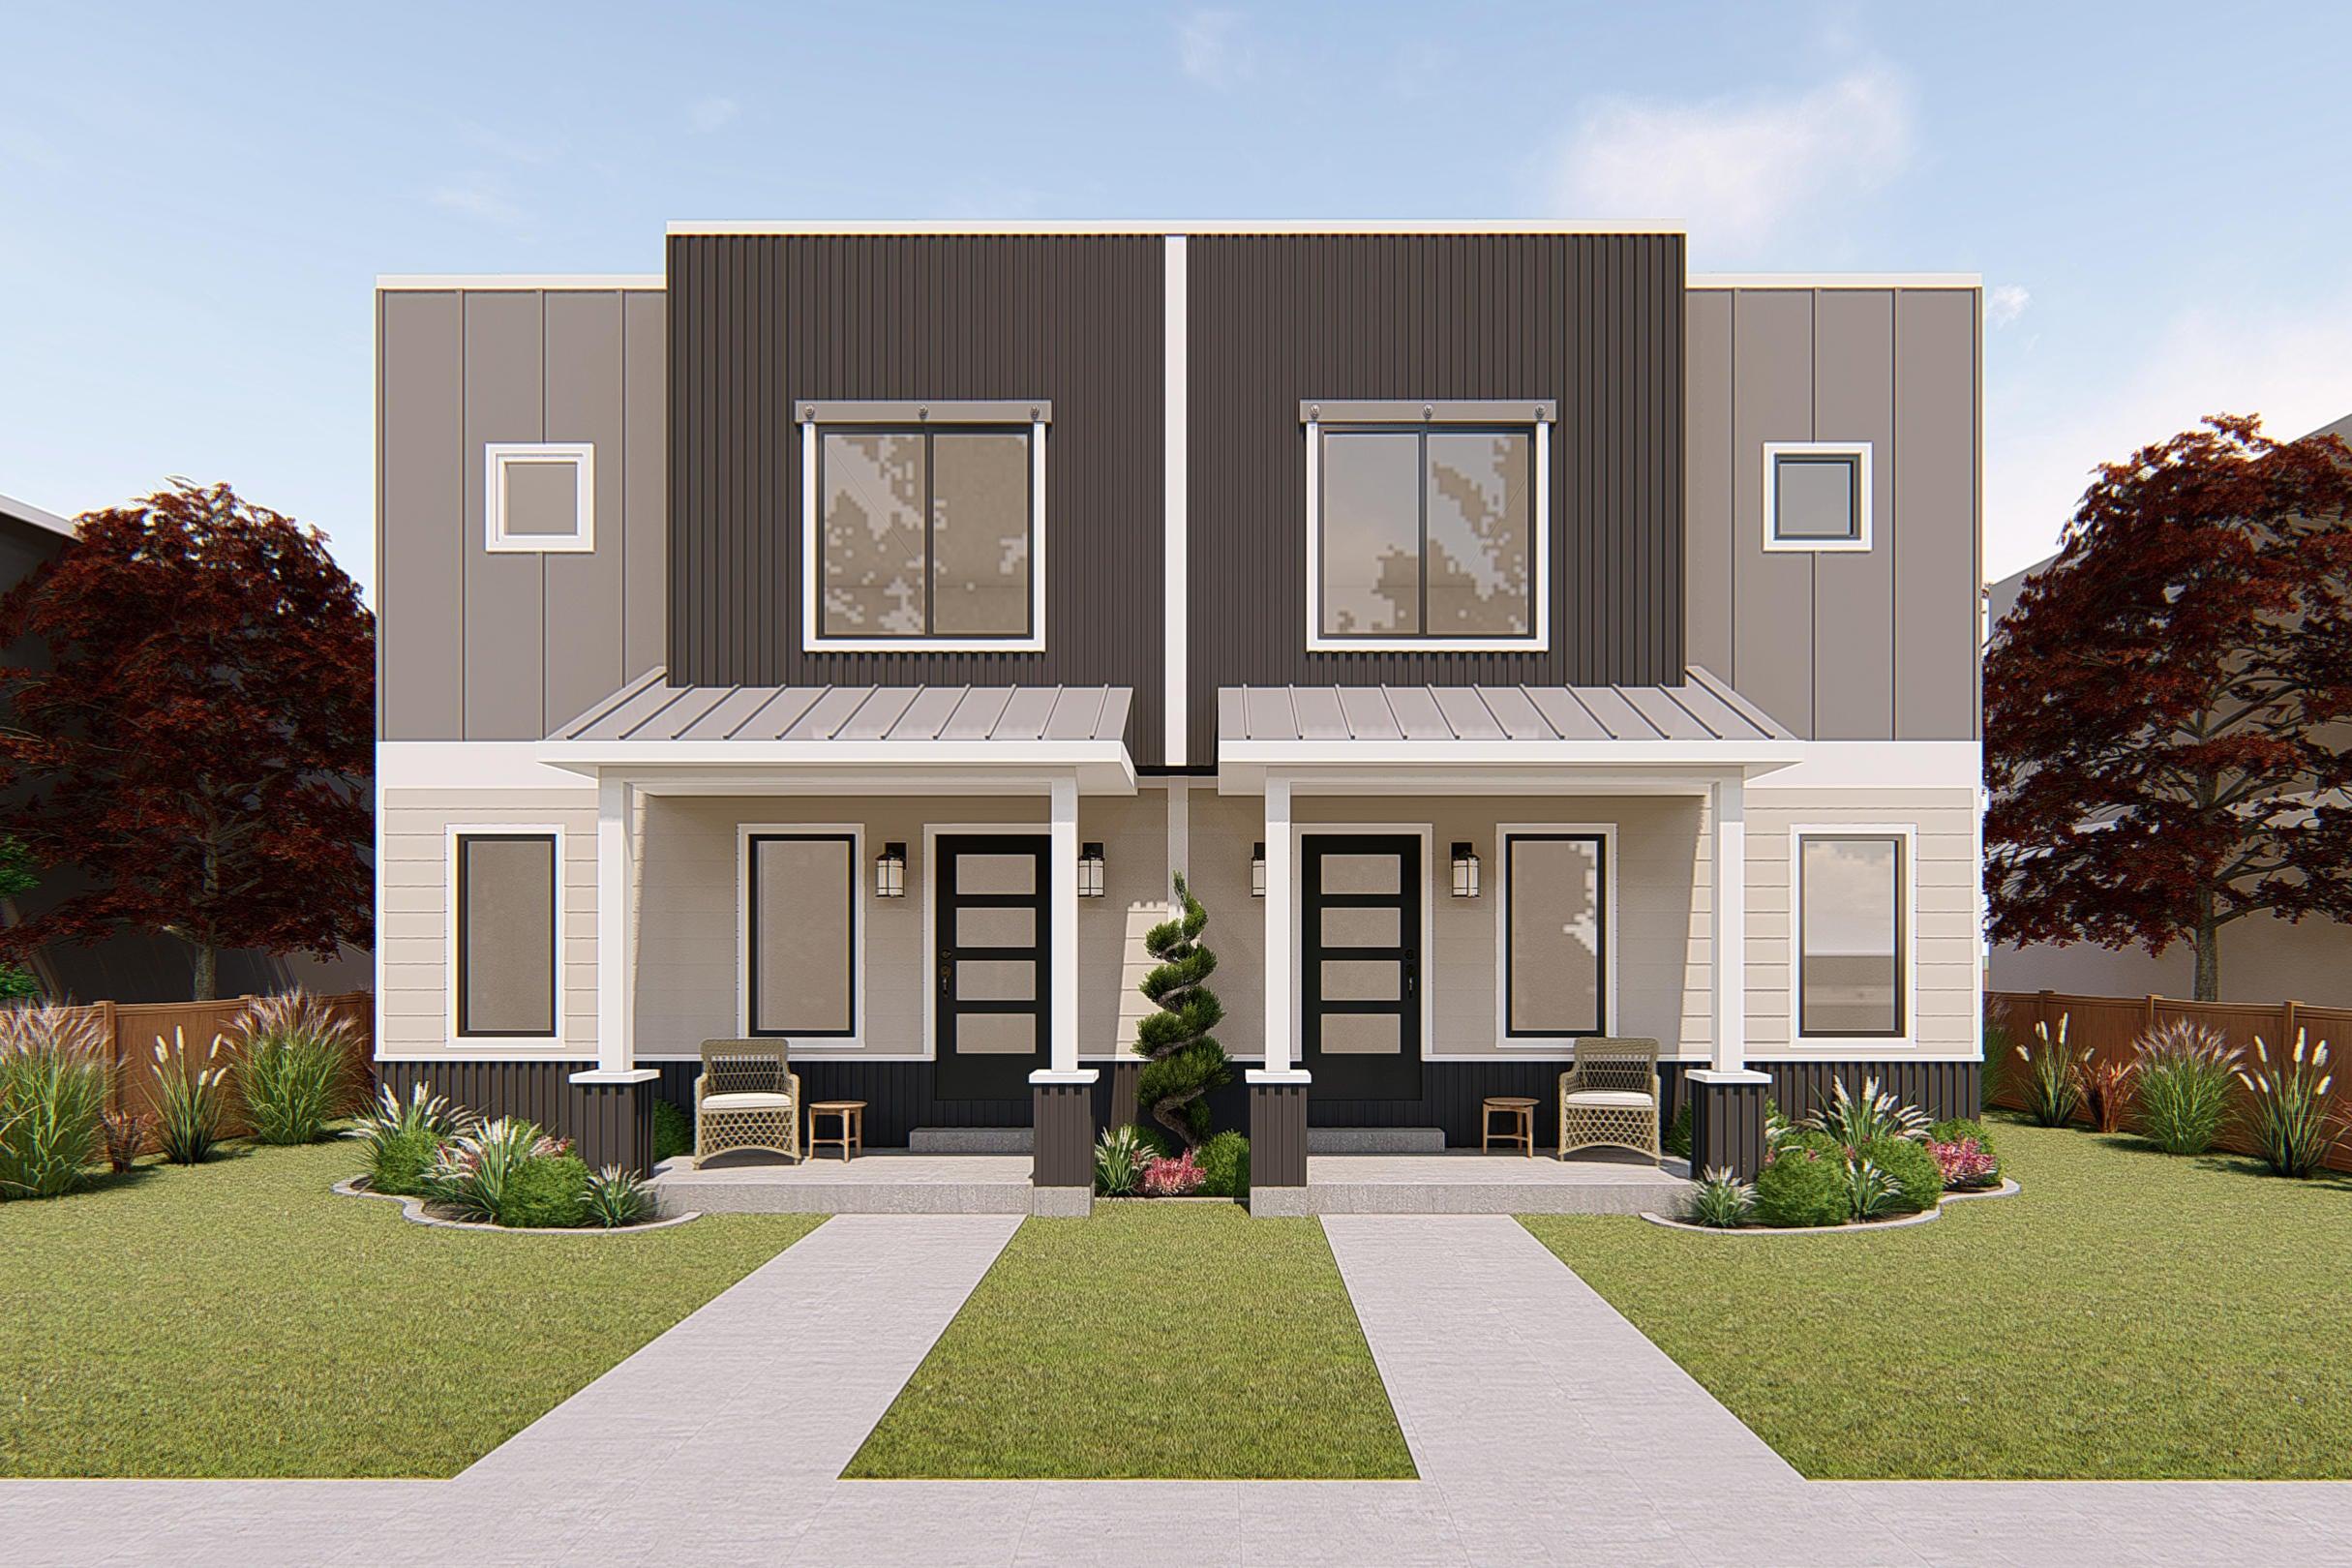 4882 Giada Drive, Unit A, Missoula, MT 59806